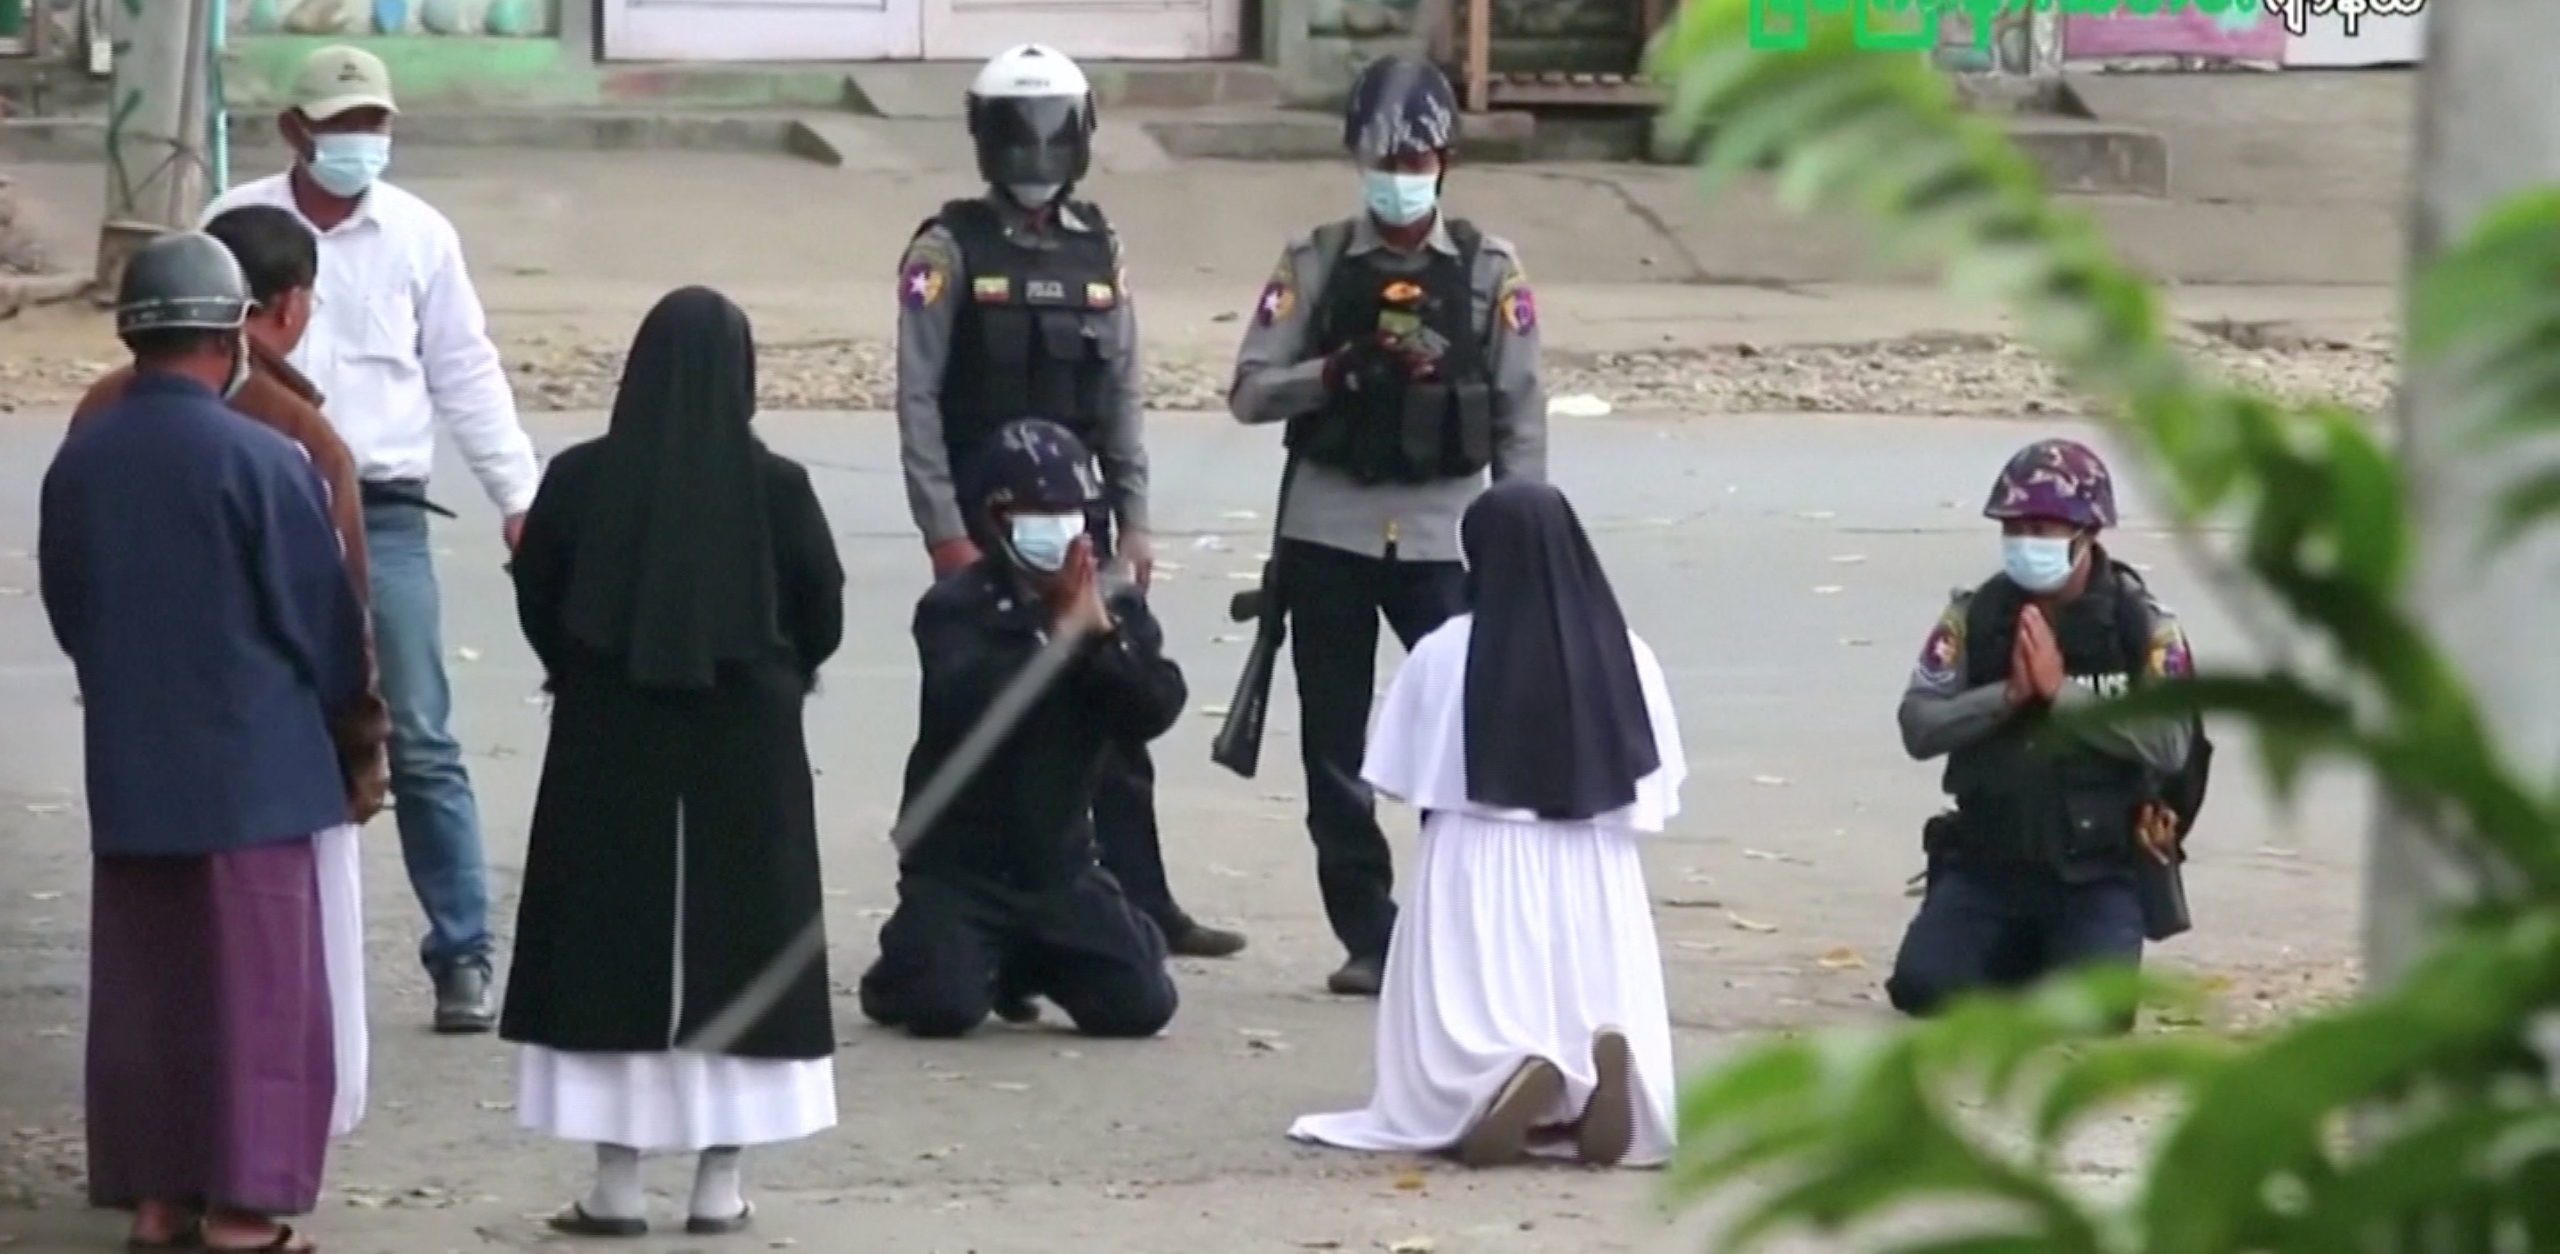 «Dispárame a mí»: una monja se arrodilló ante militares para salvar a niños en Birmania